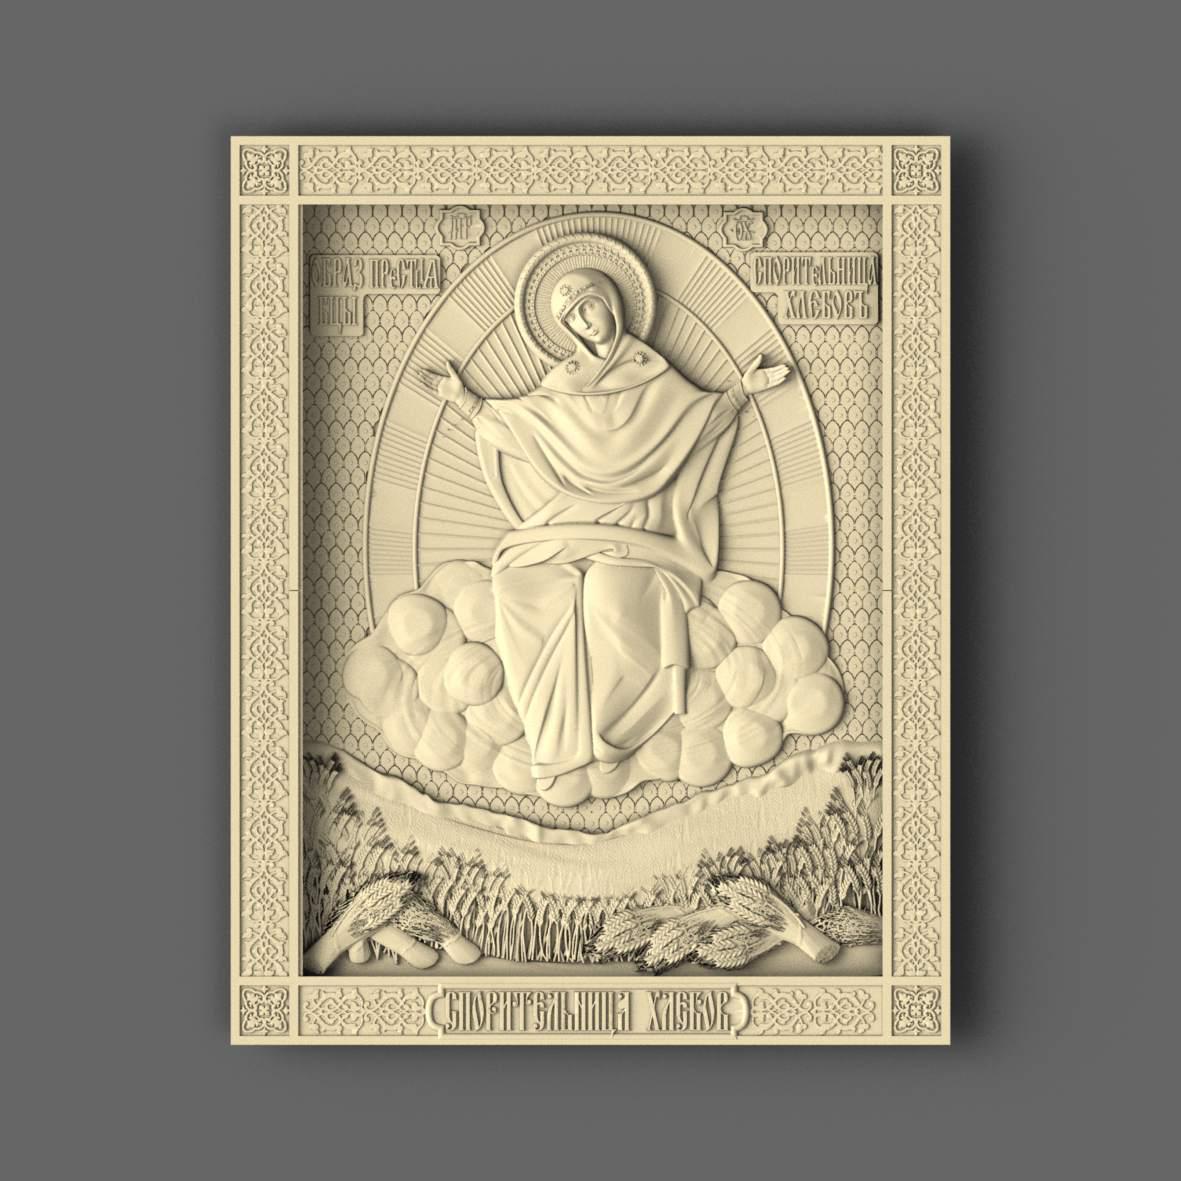 Св. Спорительниця хлібів